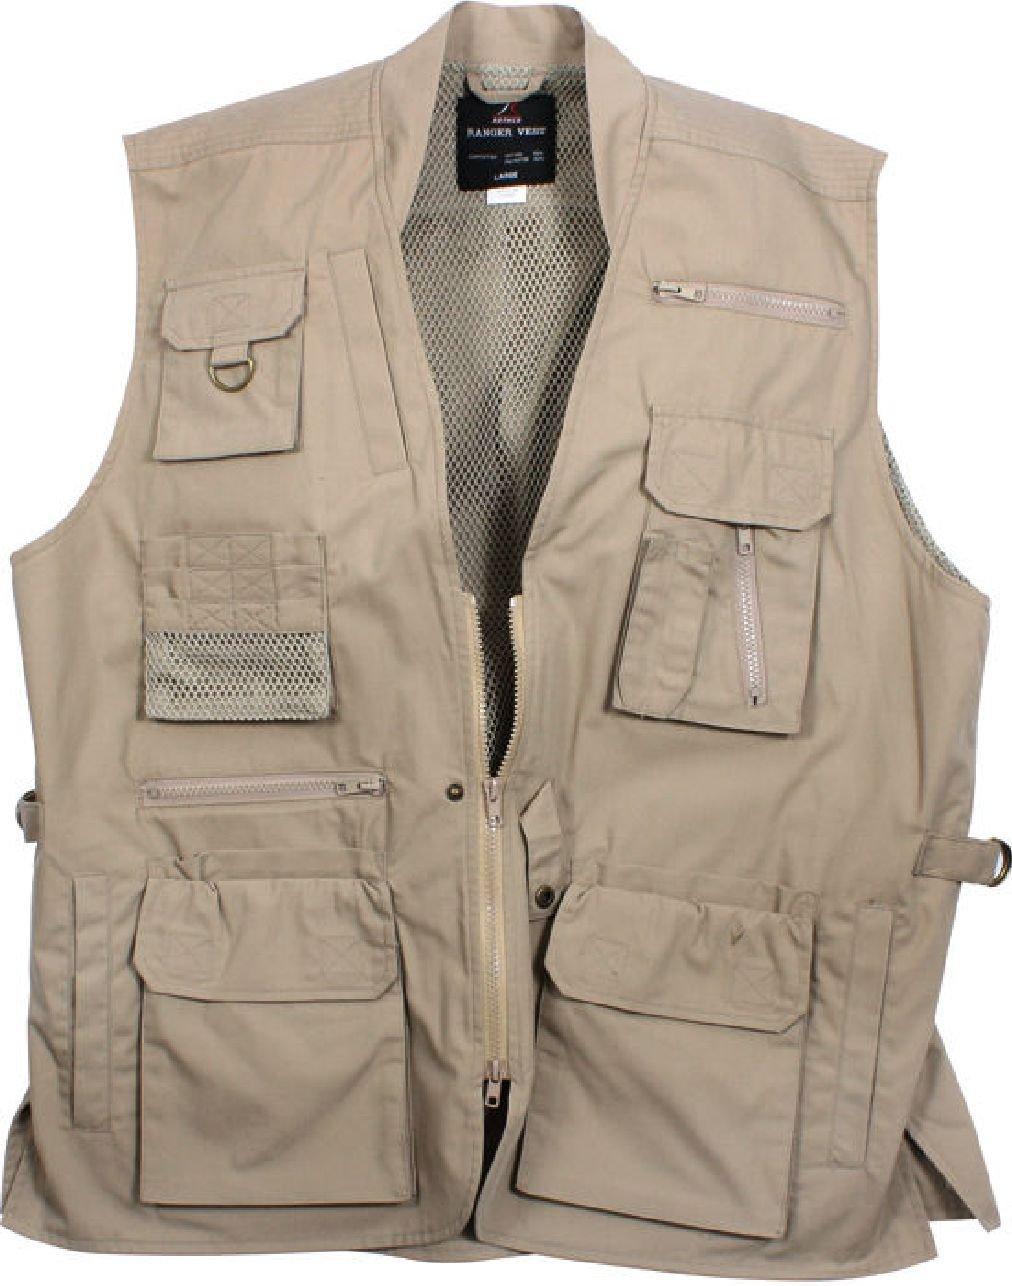 定番  マルチポケット付きCargo Tactical服用Concealed 3X-Large Carry Travelベスト カーキ Travelベスト B07DS781VH 3X-Large|カーキ カーキ 3X-Large, ミンマヤムラ:b5bf92d6 --- arianechie.dominiotemporario.com